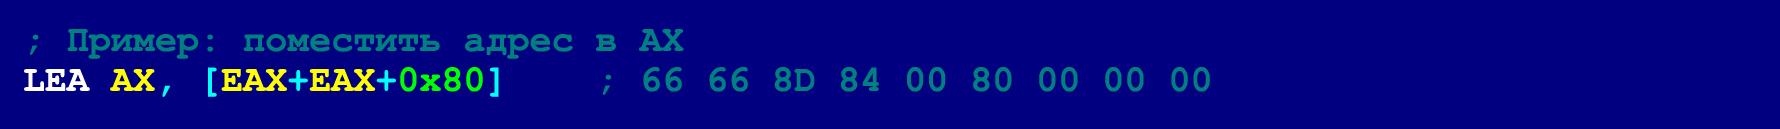 Как написать на ассемблере программу с перекрываемыми инструкциями (ещё одна техника обфускации байт-кода) - 4